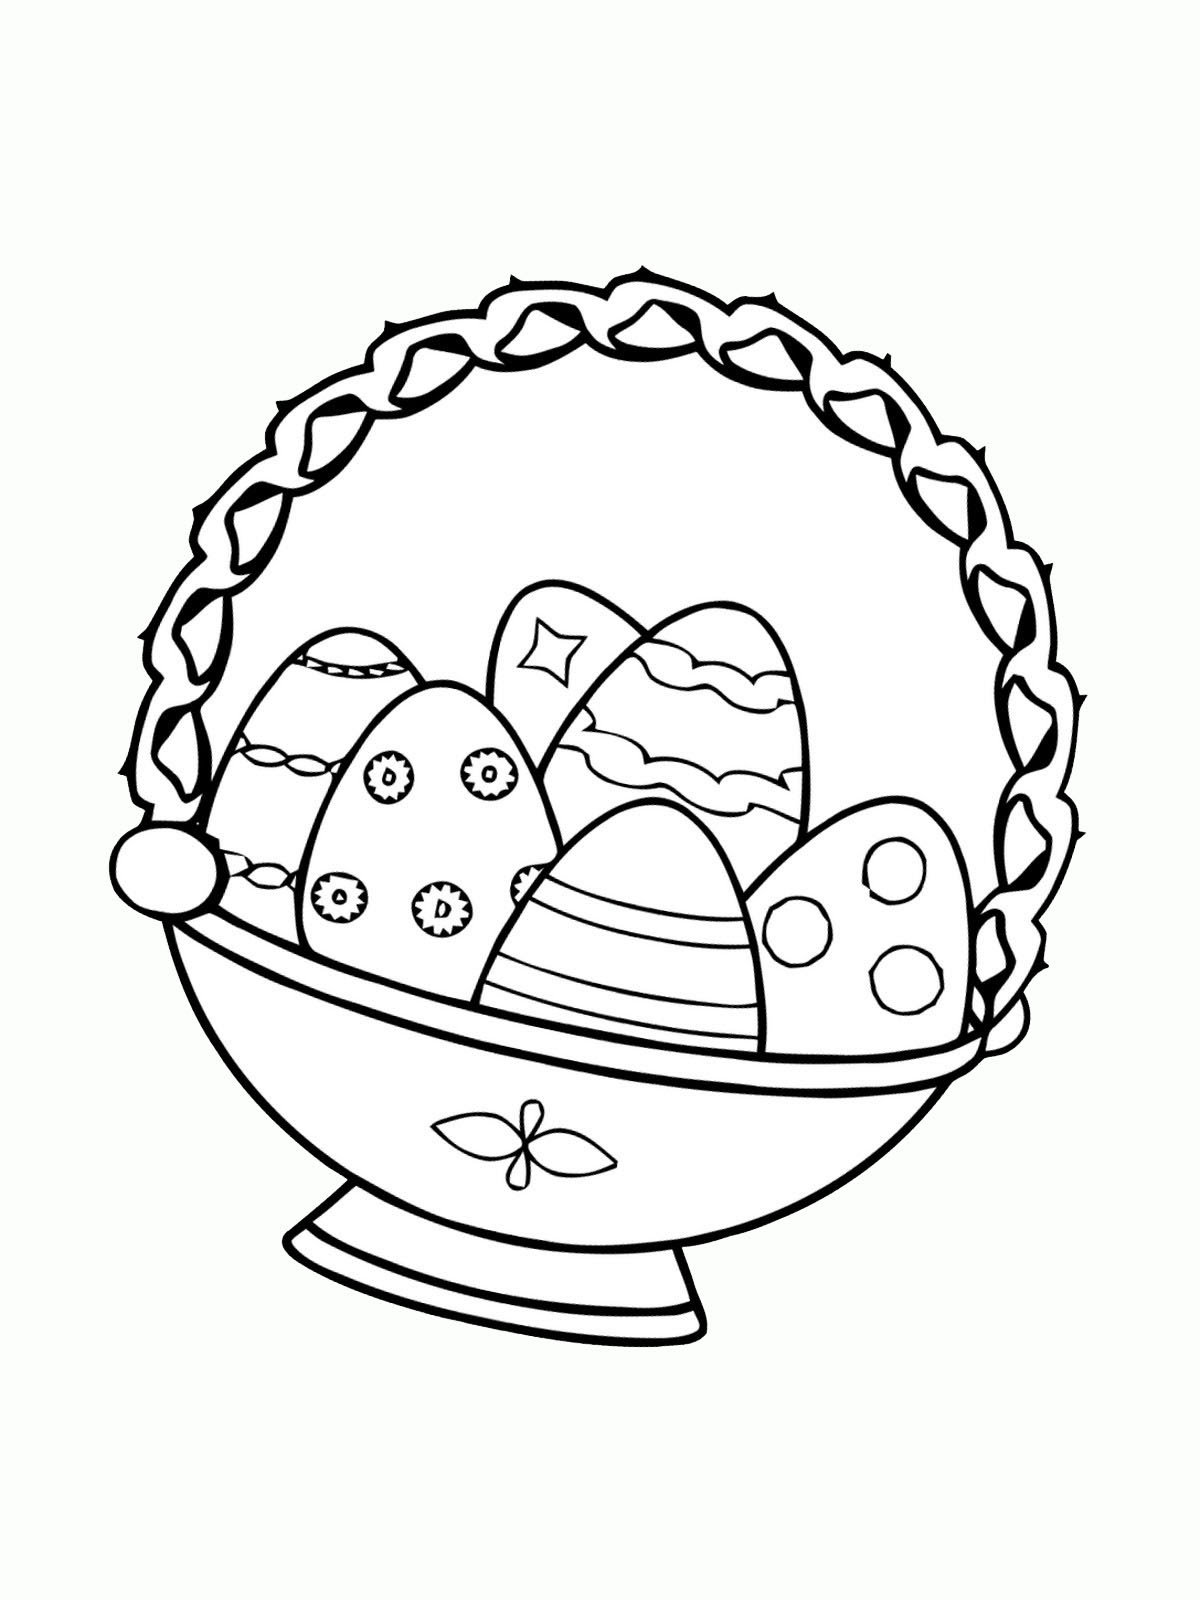 ausmalbilder kostenlos ostern - ausmalbilder